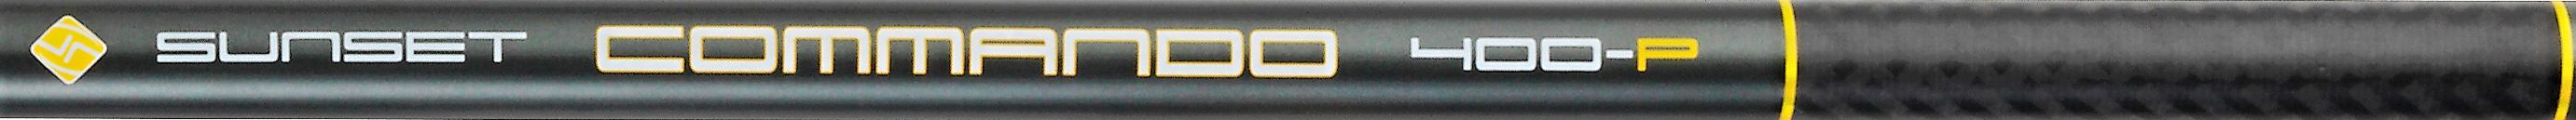 commando-logo.png